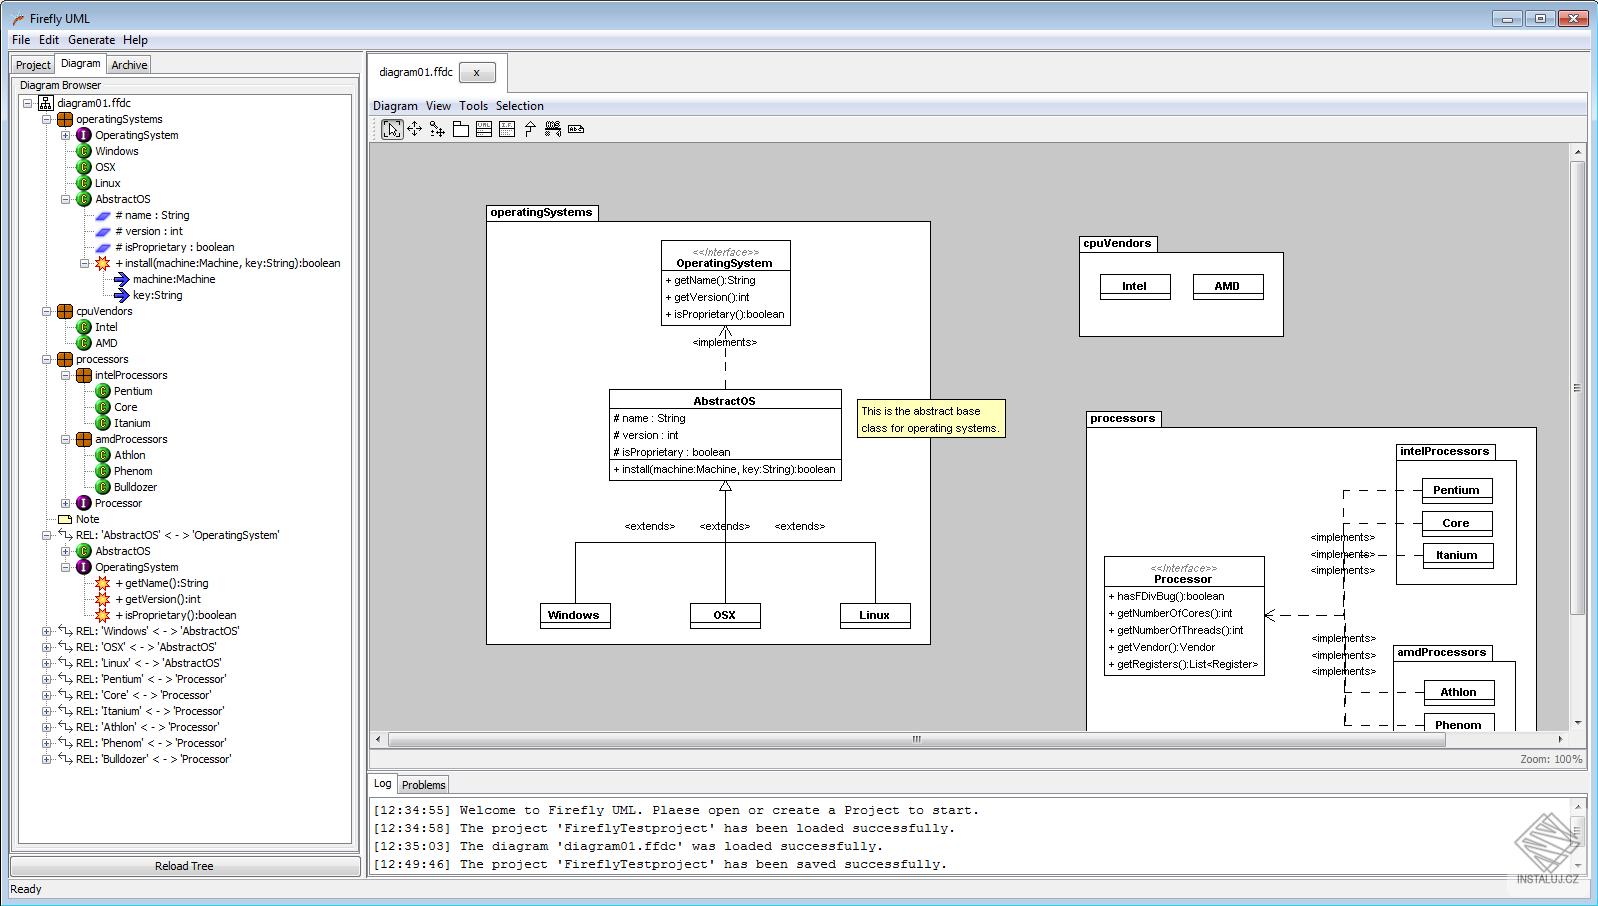 Firefly UML